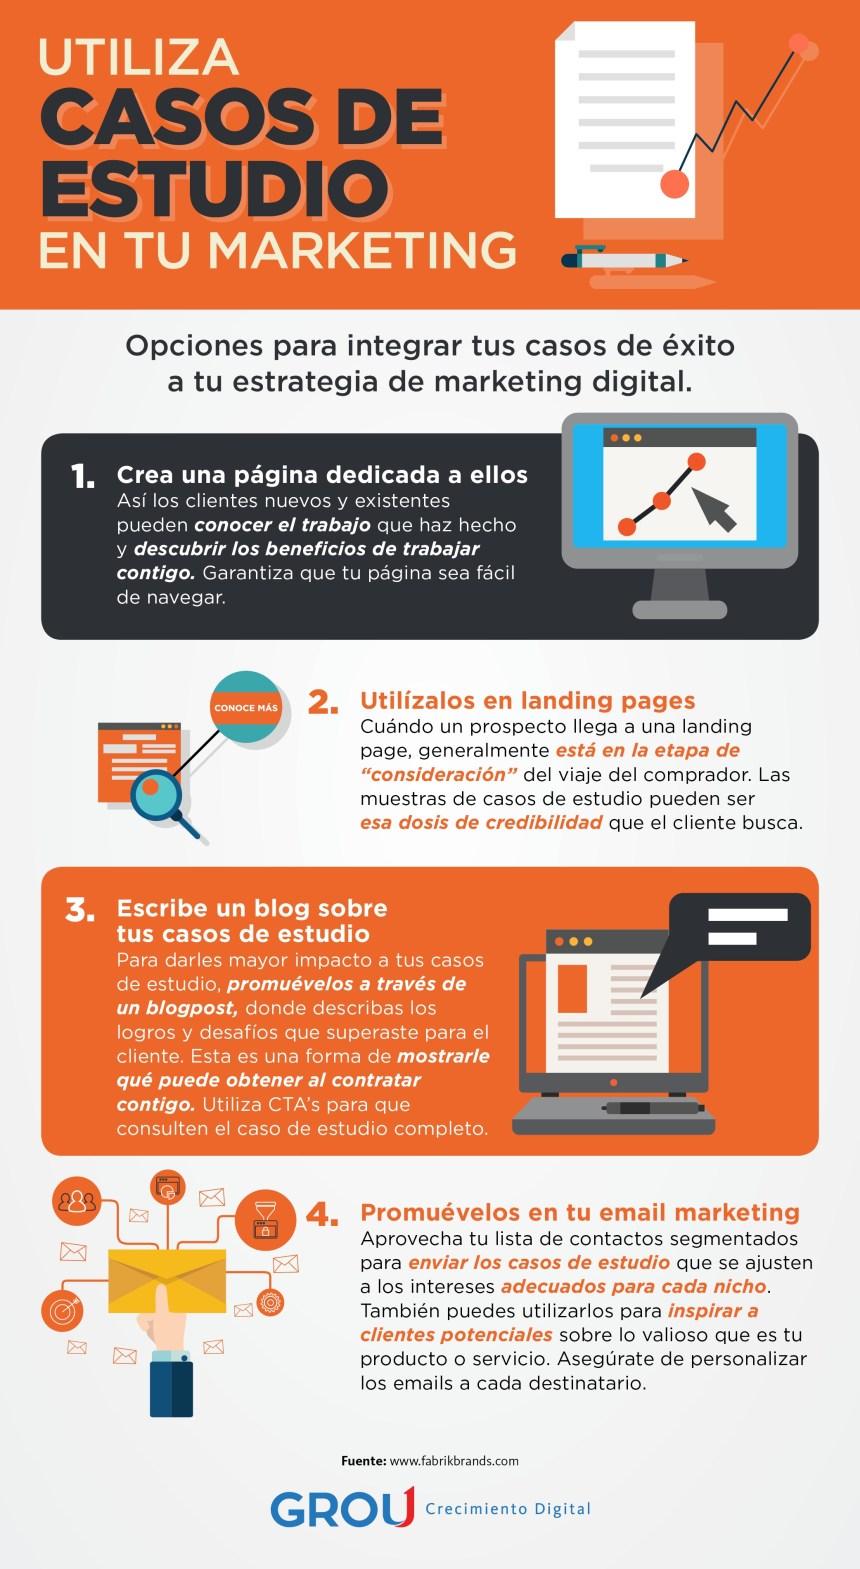 Utiliza Casos de Estudio en tu Marketing Digital